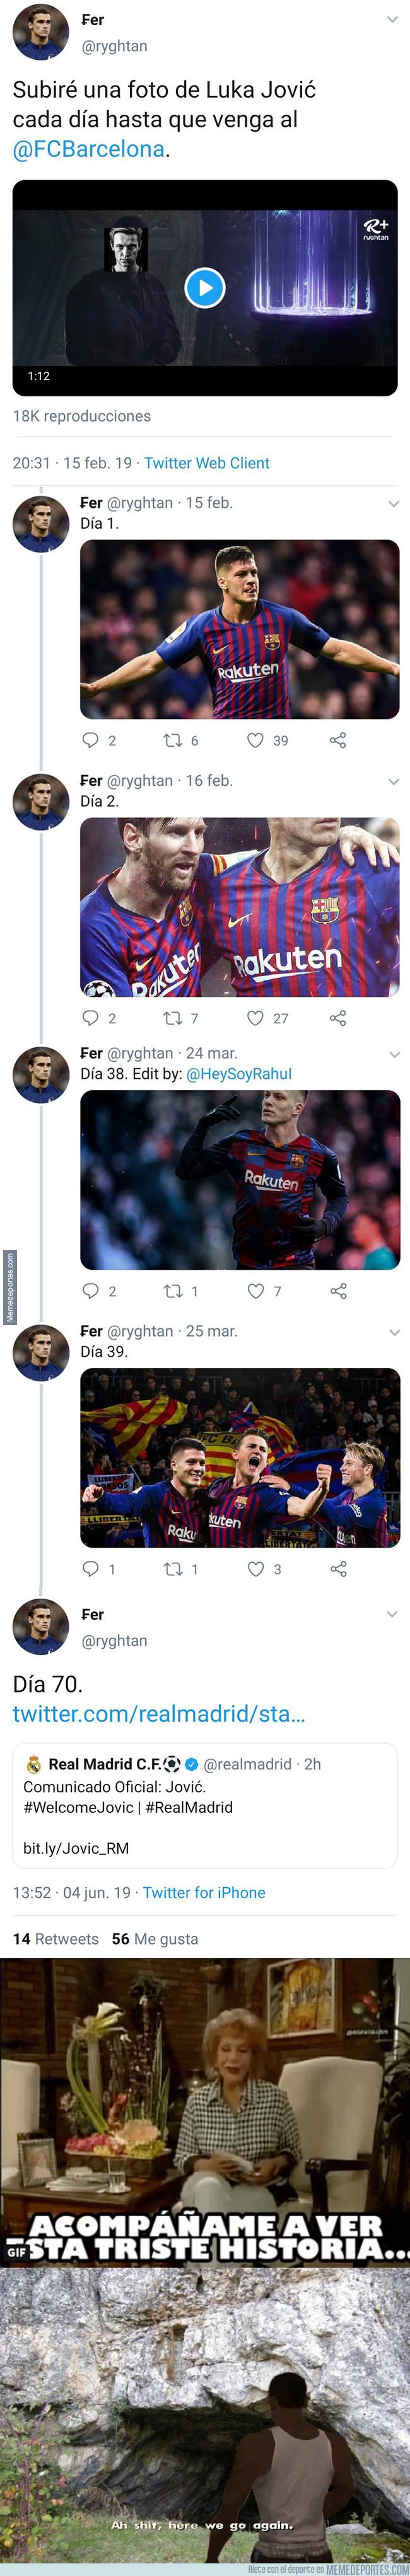 1077192 - Iba a subir una foto de Jovic hasta que fichase por el Barça y el final no pudo ser más dramático...